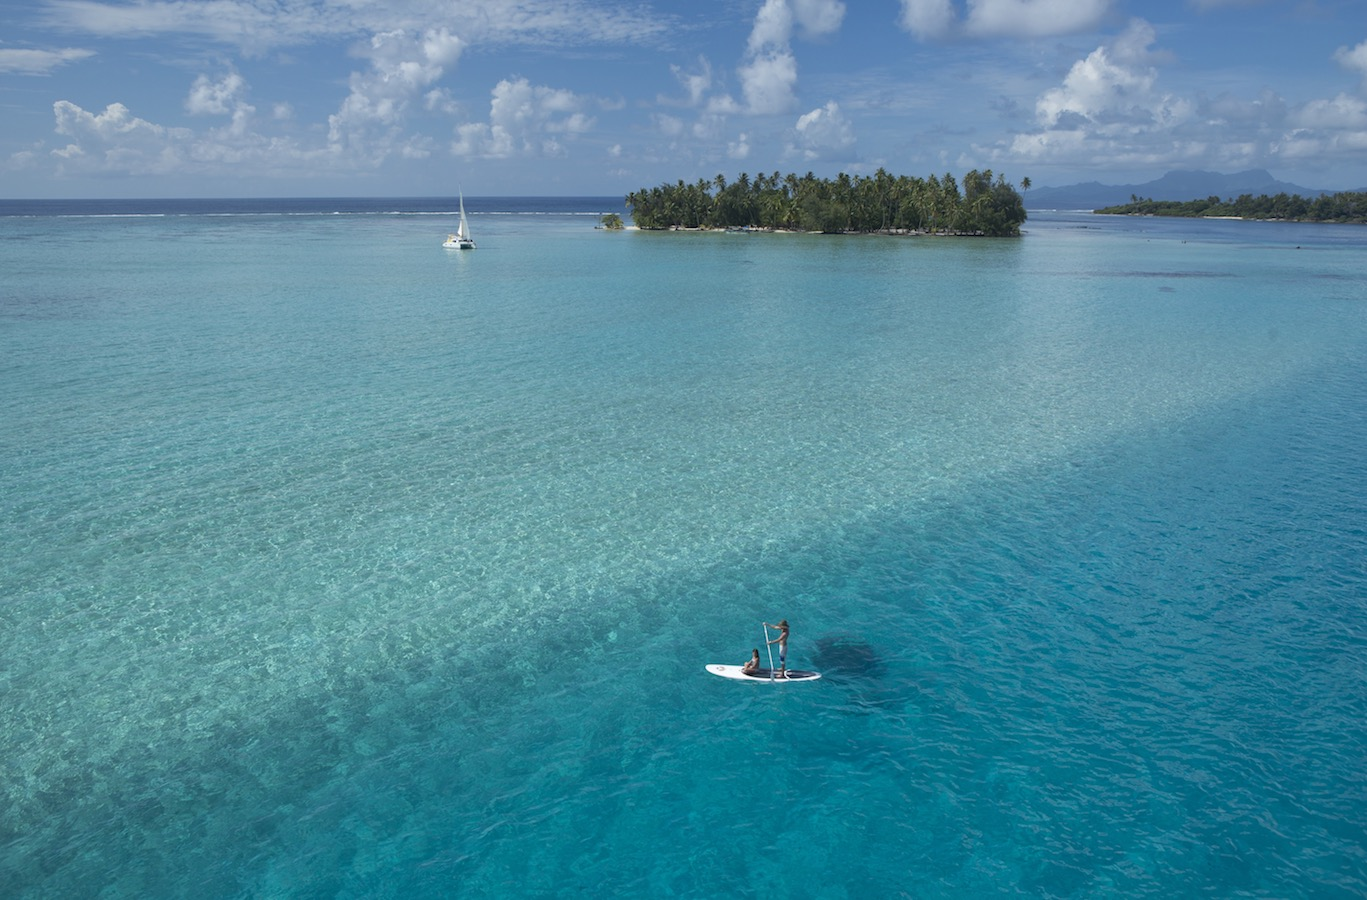 tahiti ferien urlaub tierwelt pflanzenwelt temperaturen wassertemperaturen meer sandstrand reise tierwelt